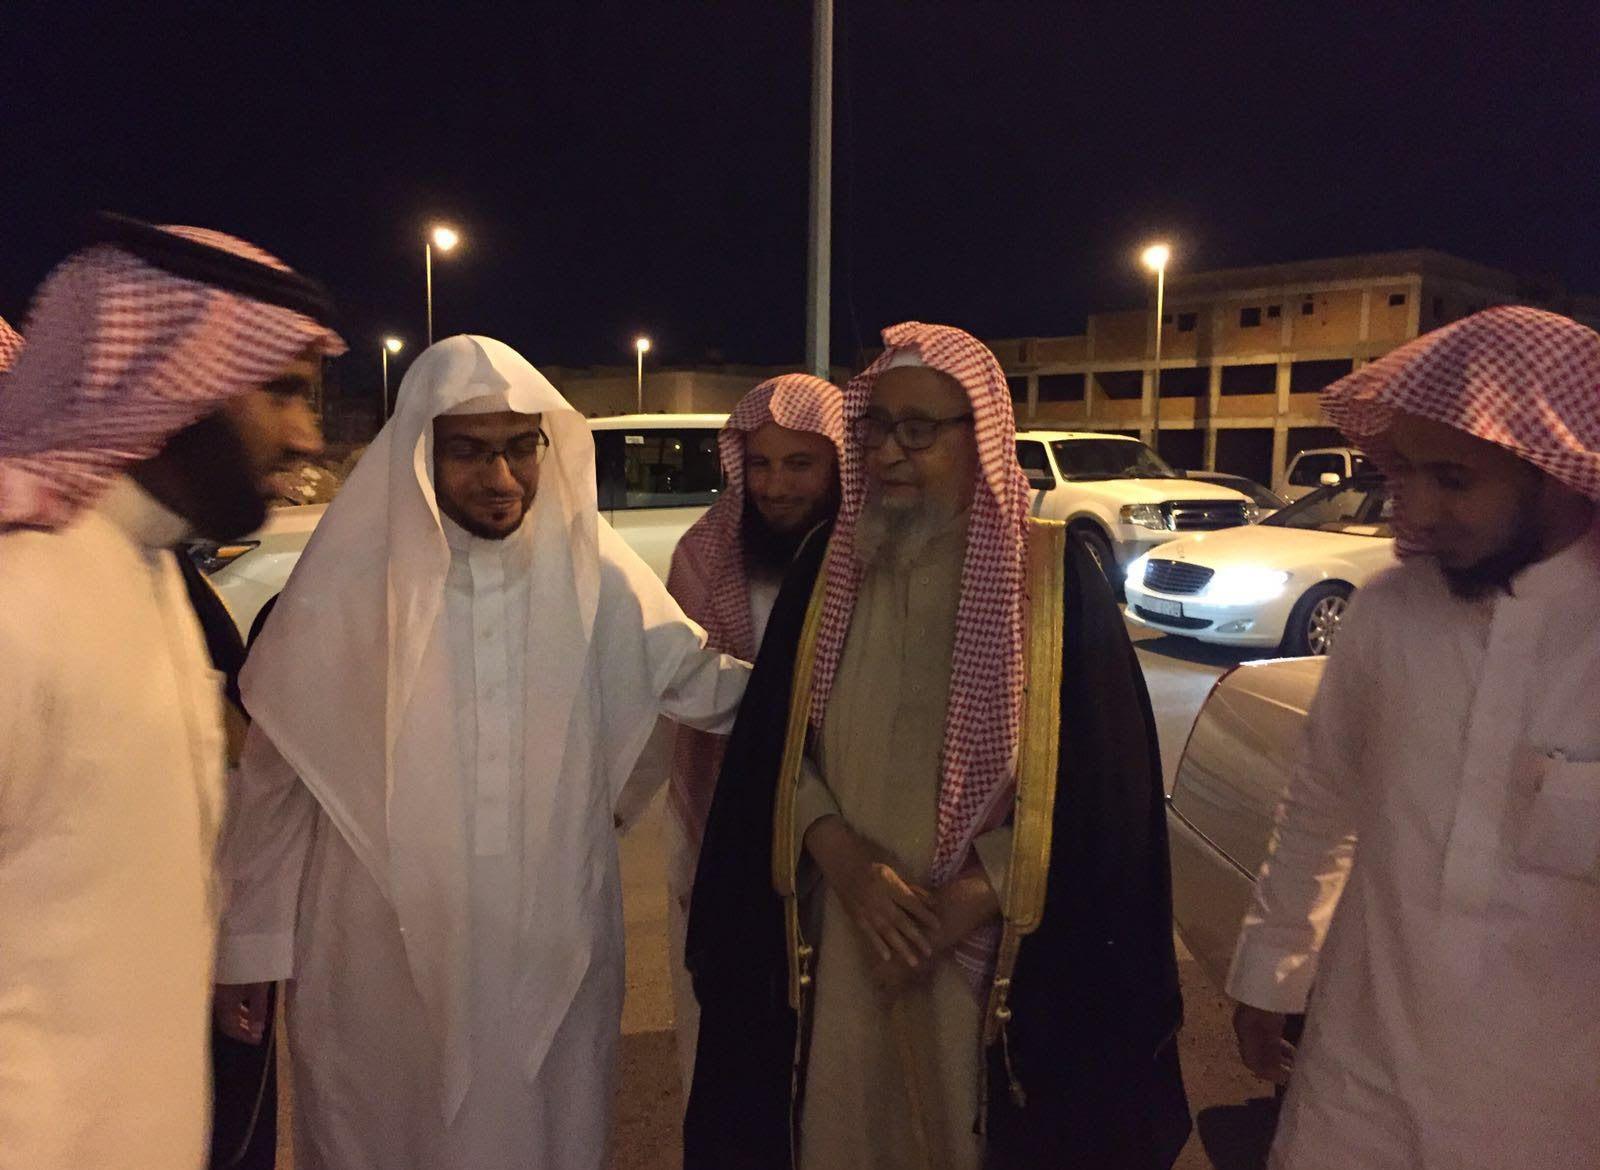 المغامسي يستقبل الشيخ صالح الفوزان (1)